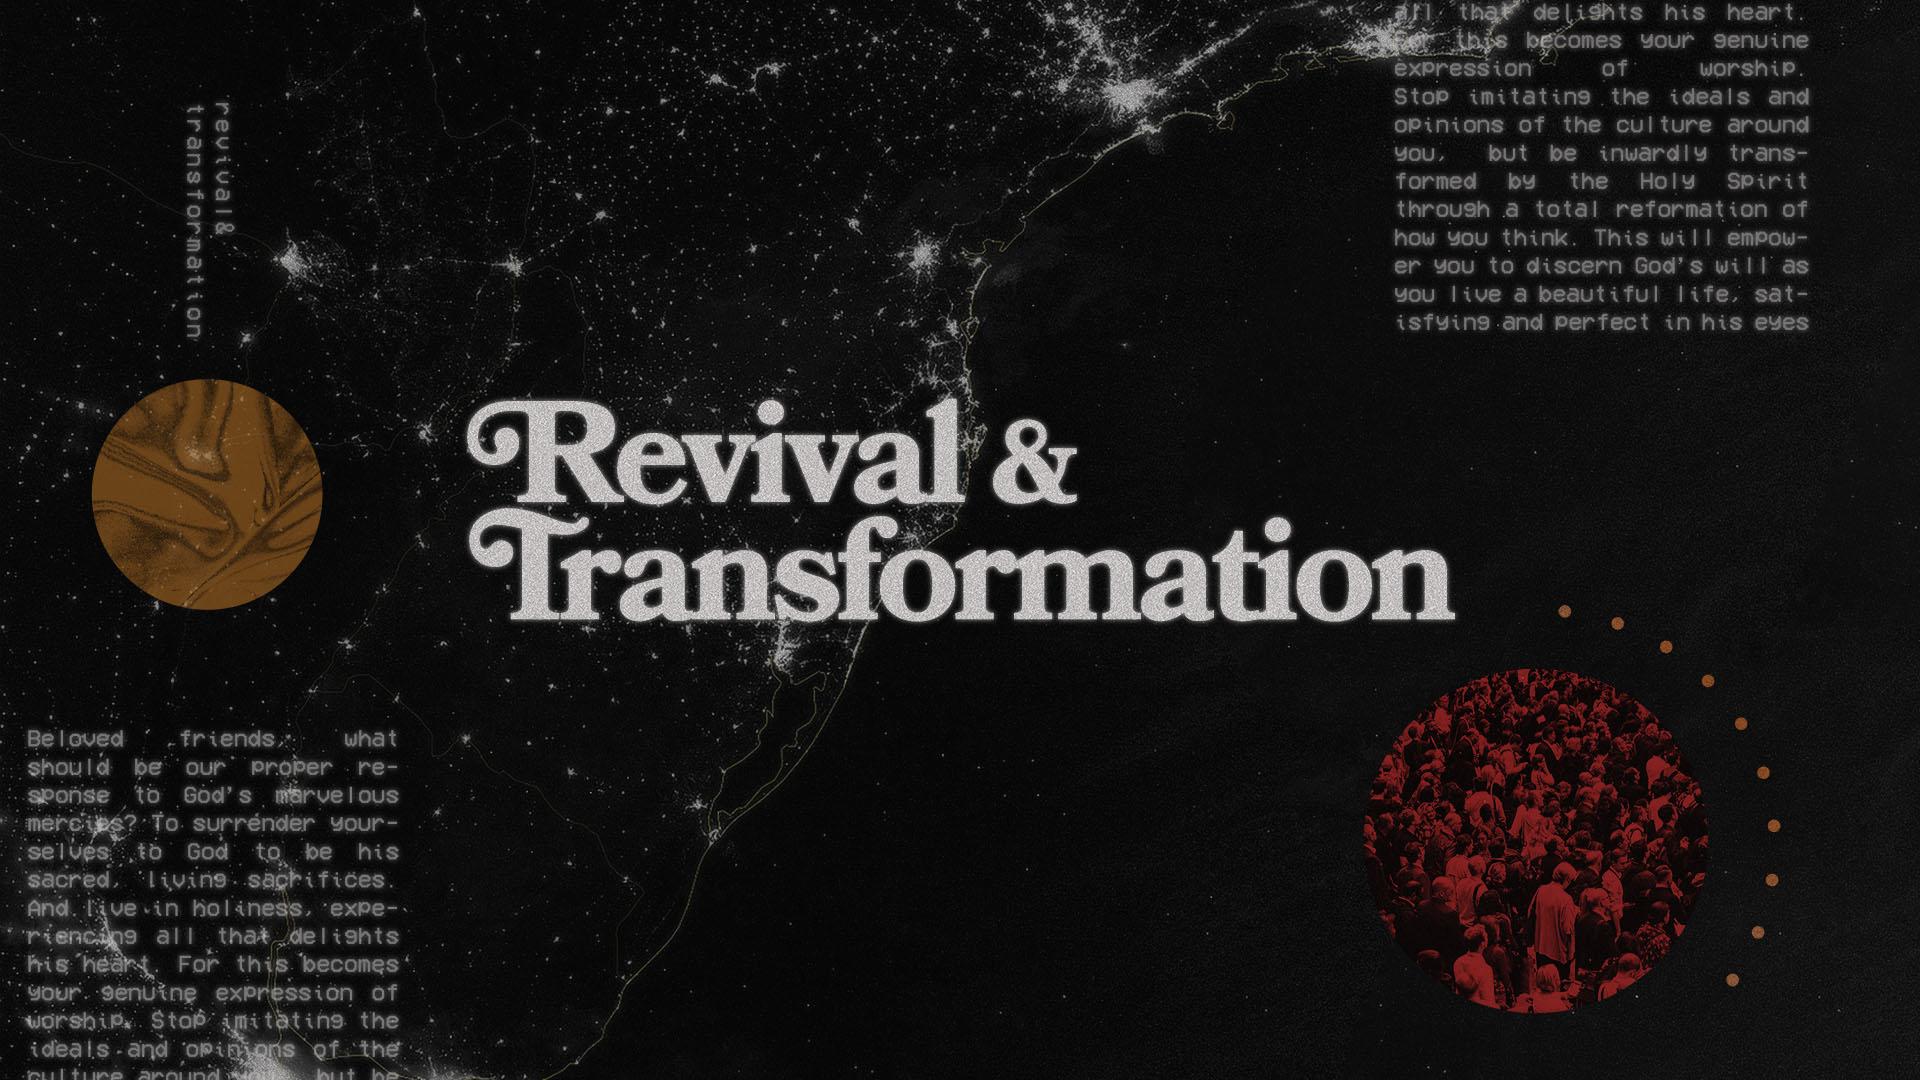 Revival & Transformation